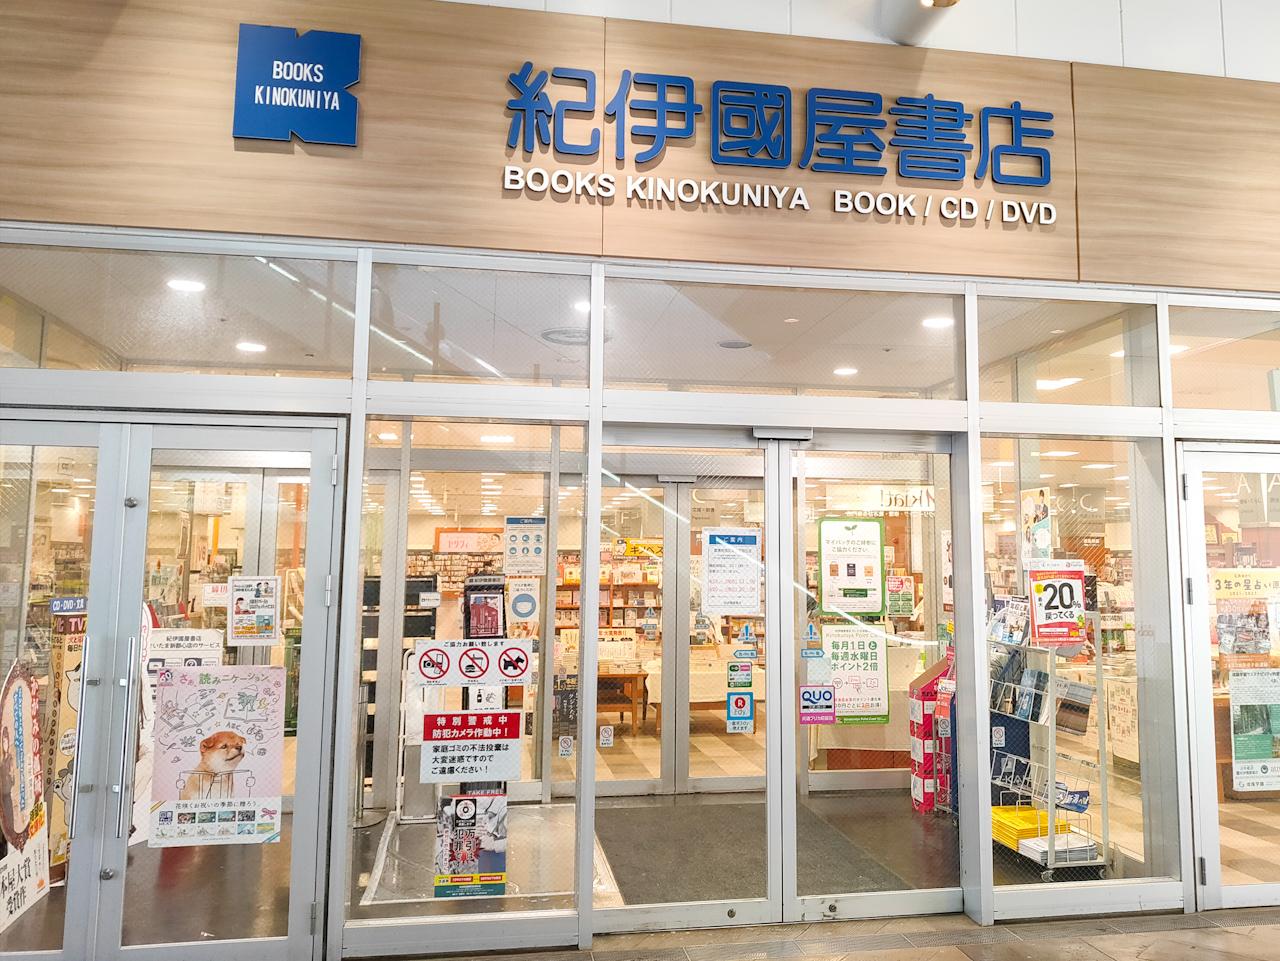 「紀伊國屋書店 さいたま新都心店」(コクーンシティ コクーン1・東館1階)